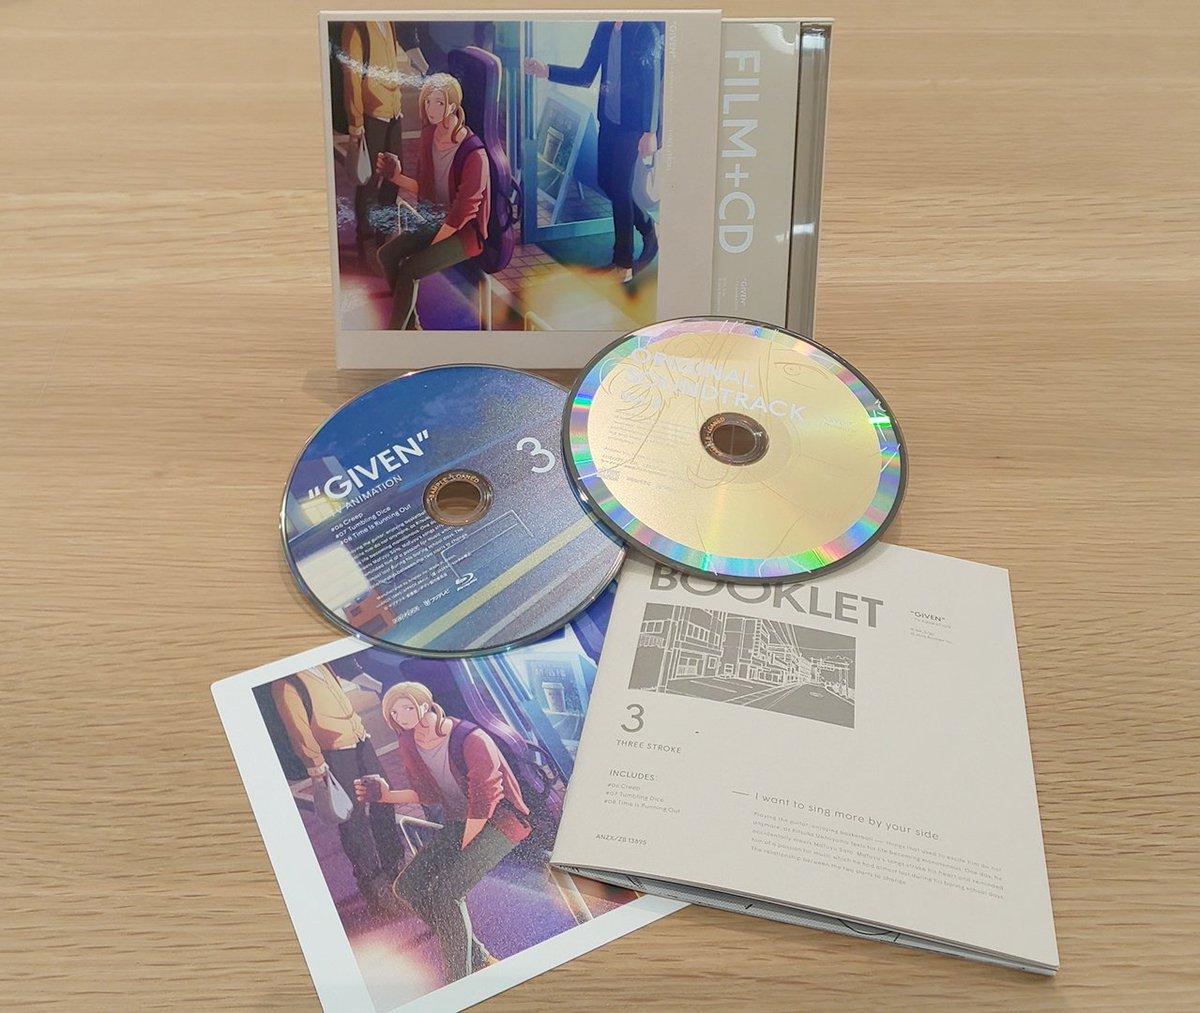 【11/27発売🎸】BD&DVD3巻のサンプルが届きました!まもなく発売ですね~🎵特製ブックレット(キヅ先生描き下ろし漫画掲載)、物語を彩った楽曲が多数収録されたオリジナル・サウンドトラックCD など豪華特典つき🌟詳細:サントラ視聴: #ギヴン